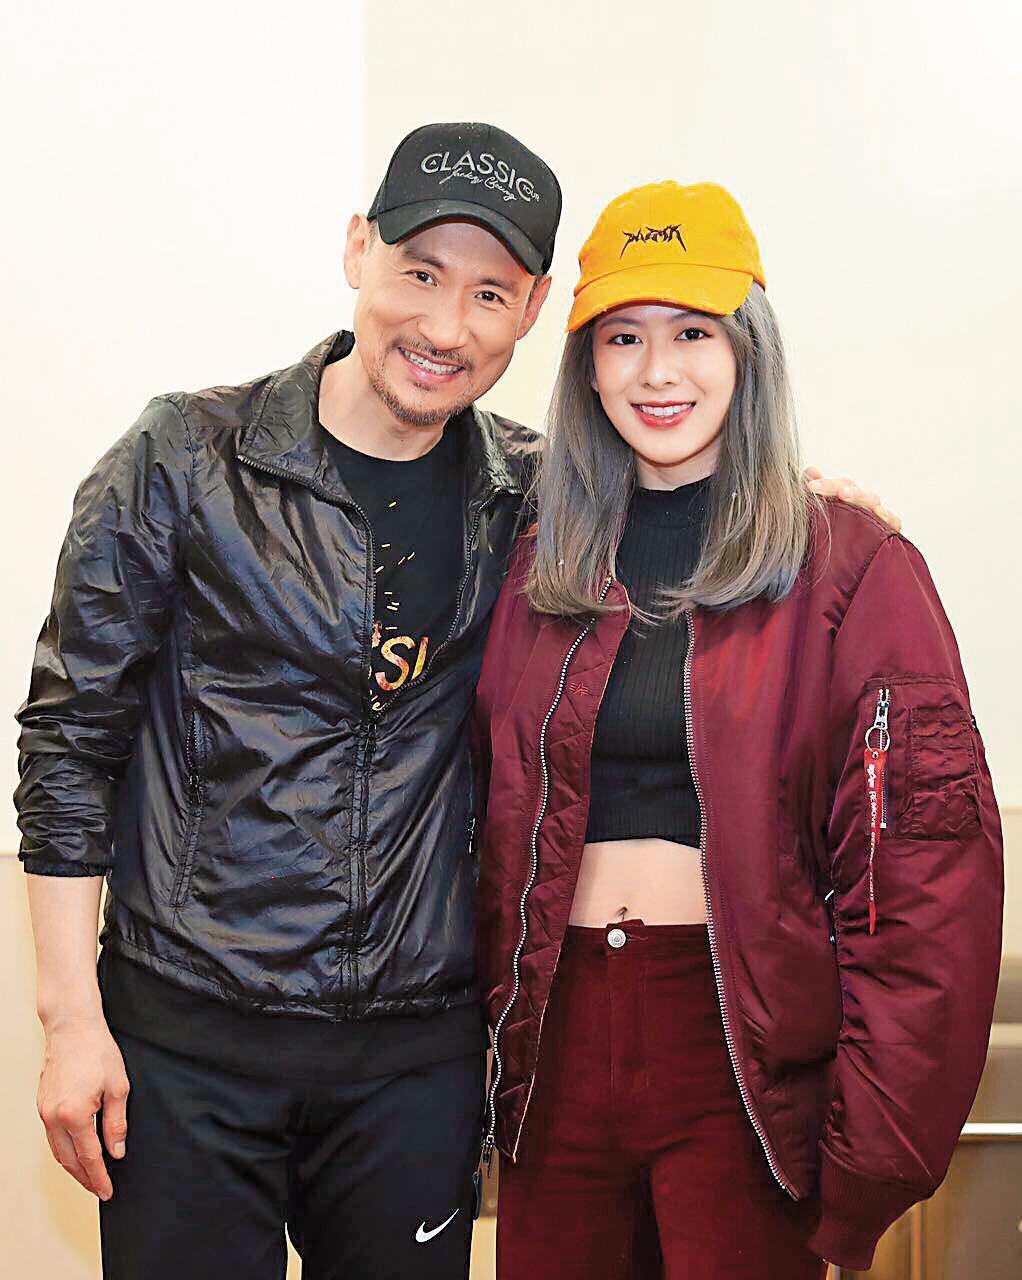 姚亦晴跟張學友(左)同屬於EMI公司,算是師兄妹的關係。(翻攝自姚亦晴臉書)